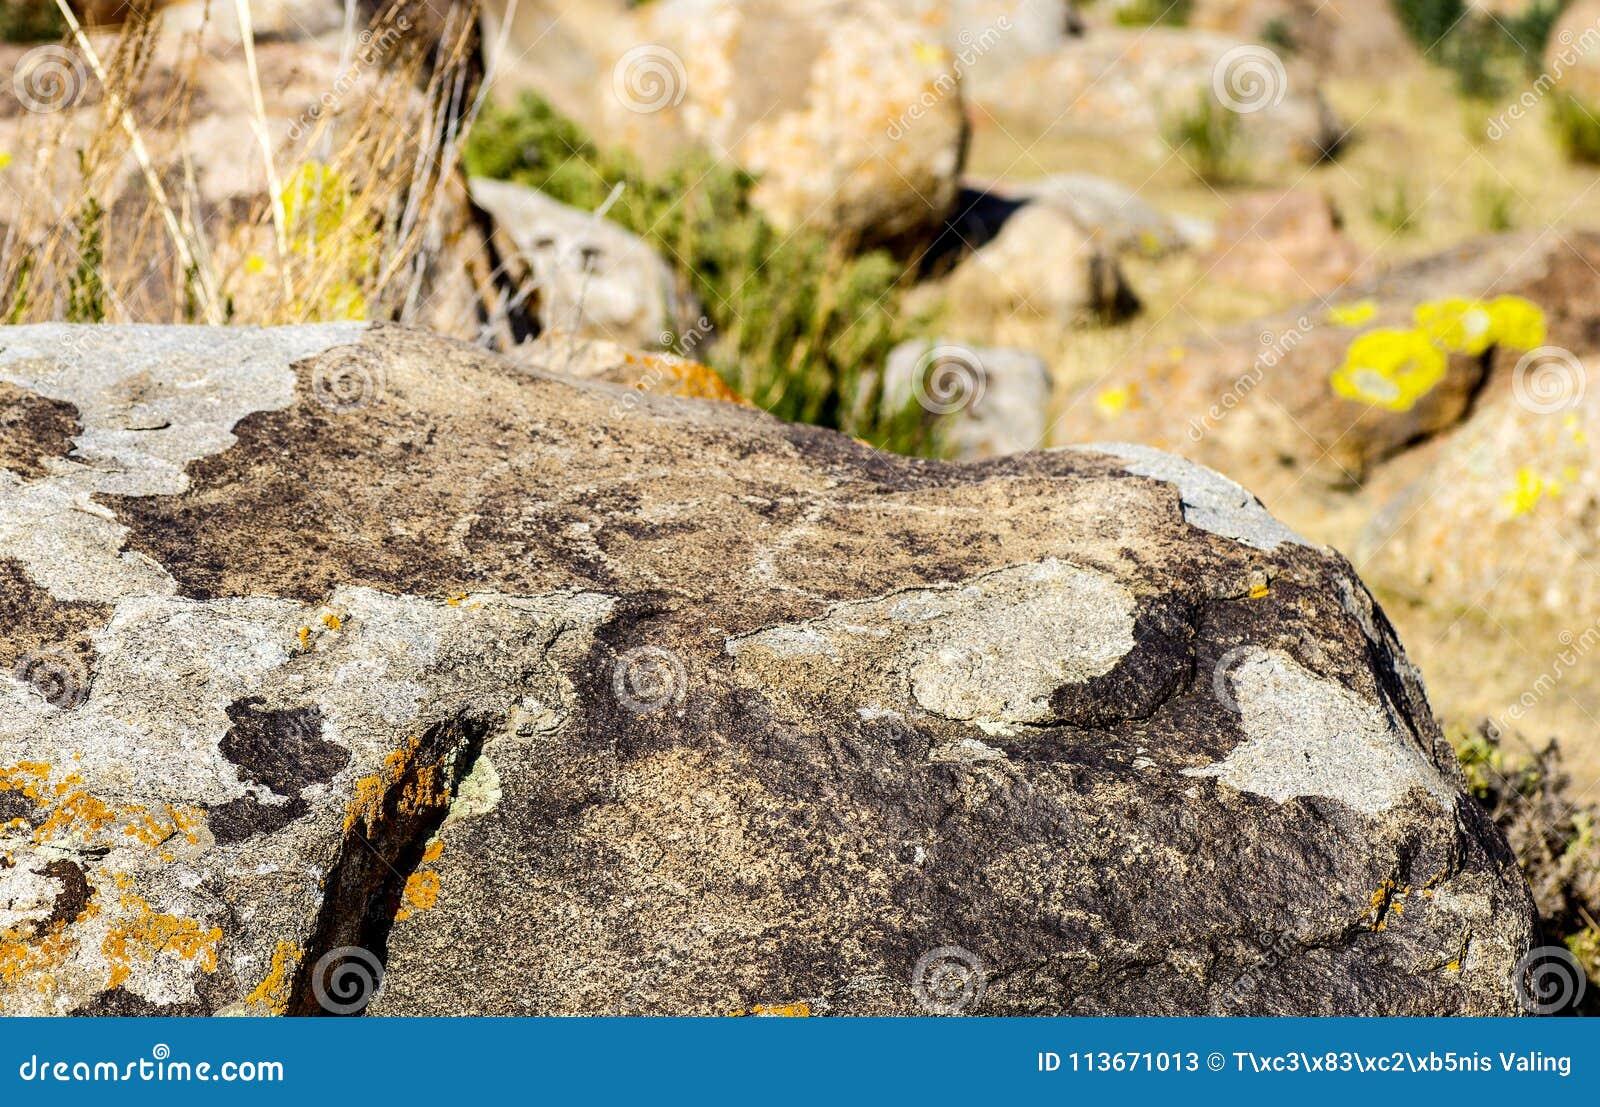 有历史刻在岩石上的文字的古老站点在吉尔吉斯斯坦